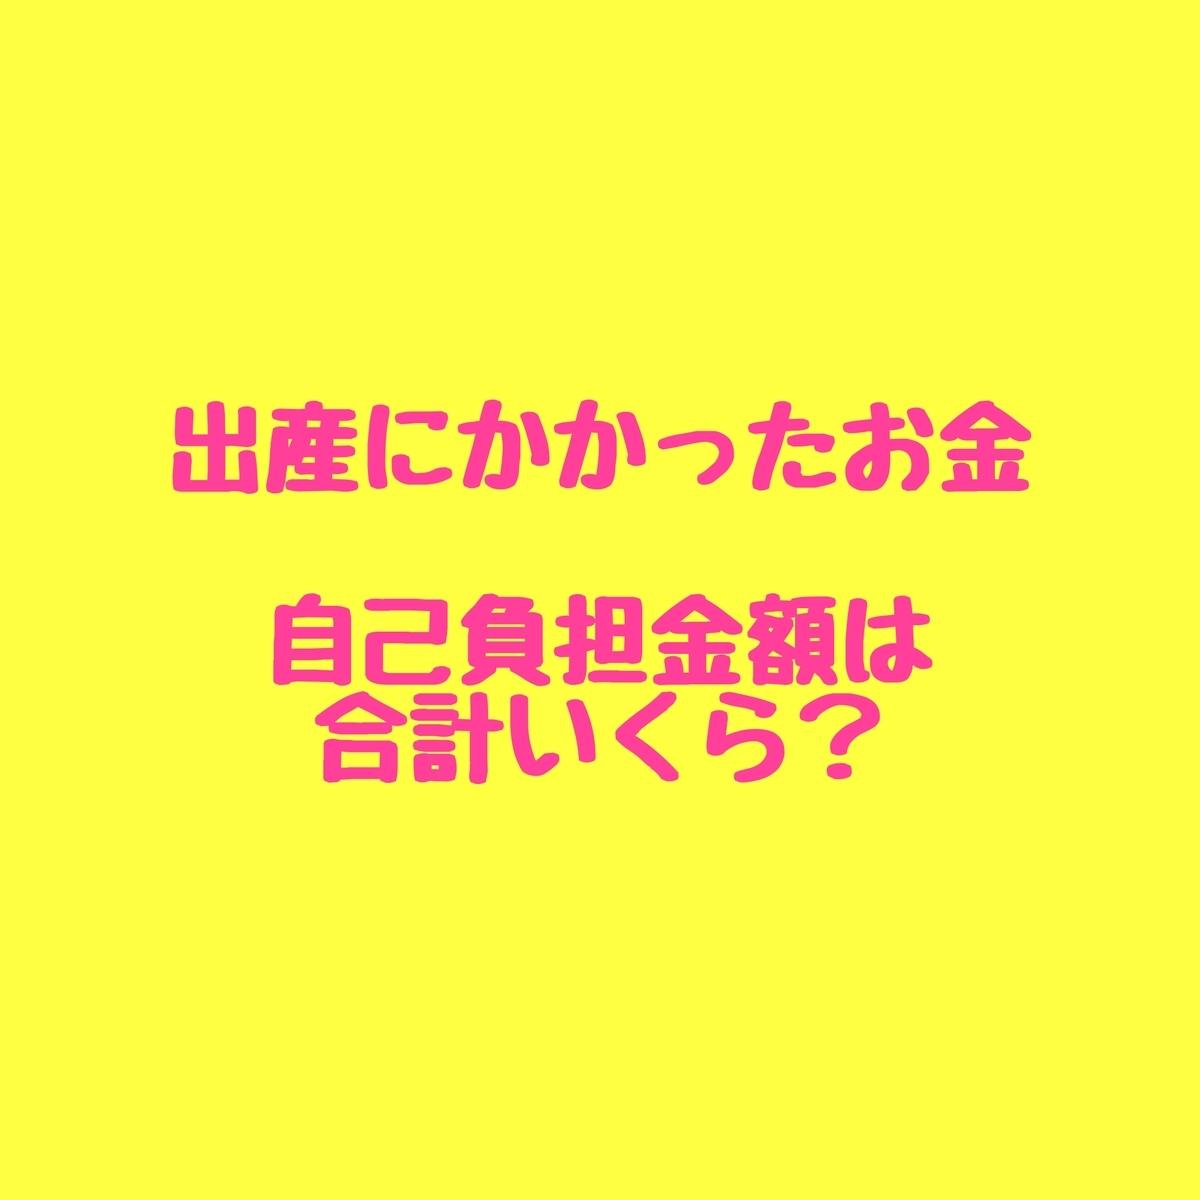 f:id:mikiminmin:20210607042243j:plain